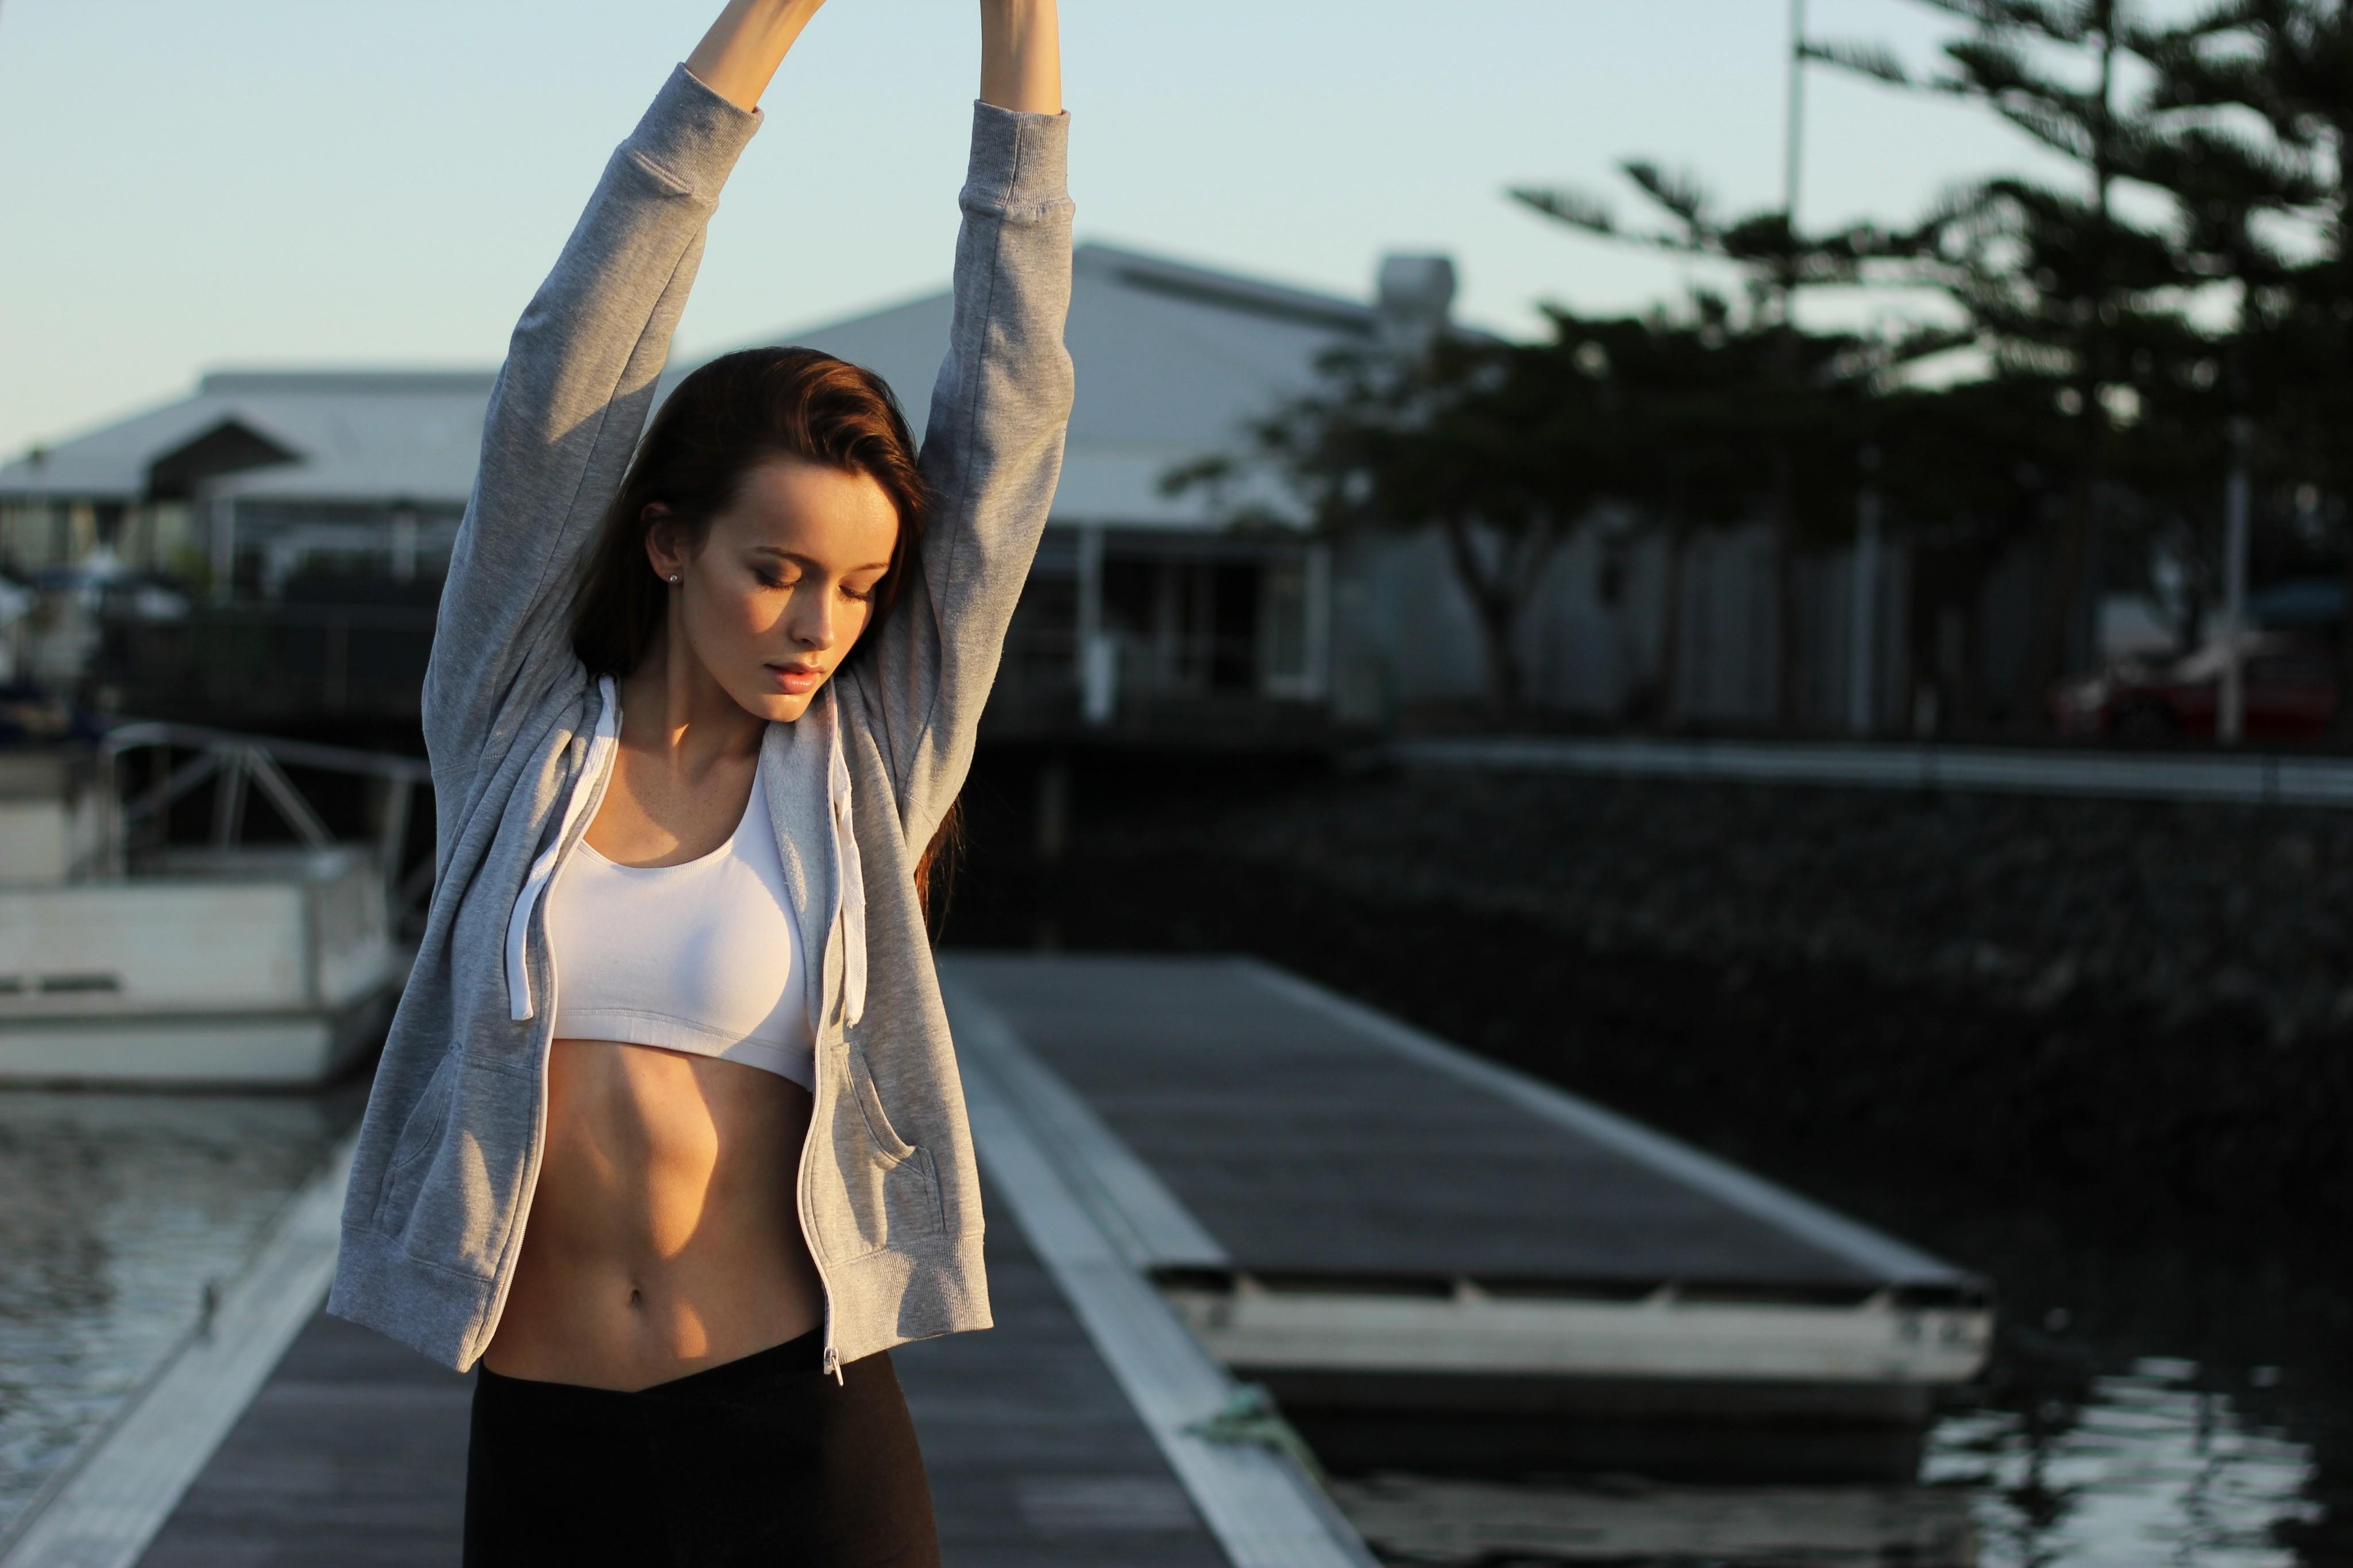 Почему болит живот? 4 симптома, при которых нельзя терпеть